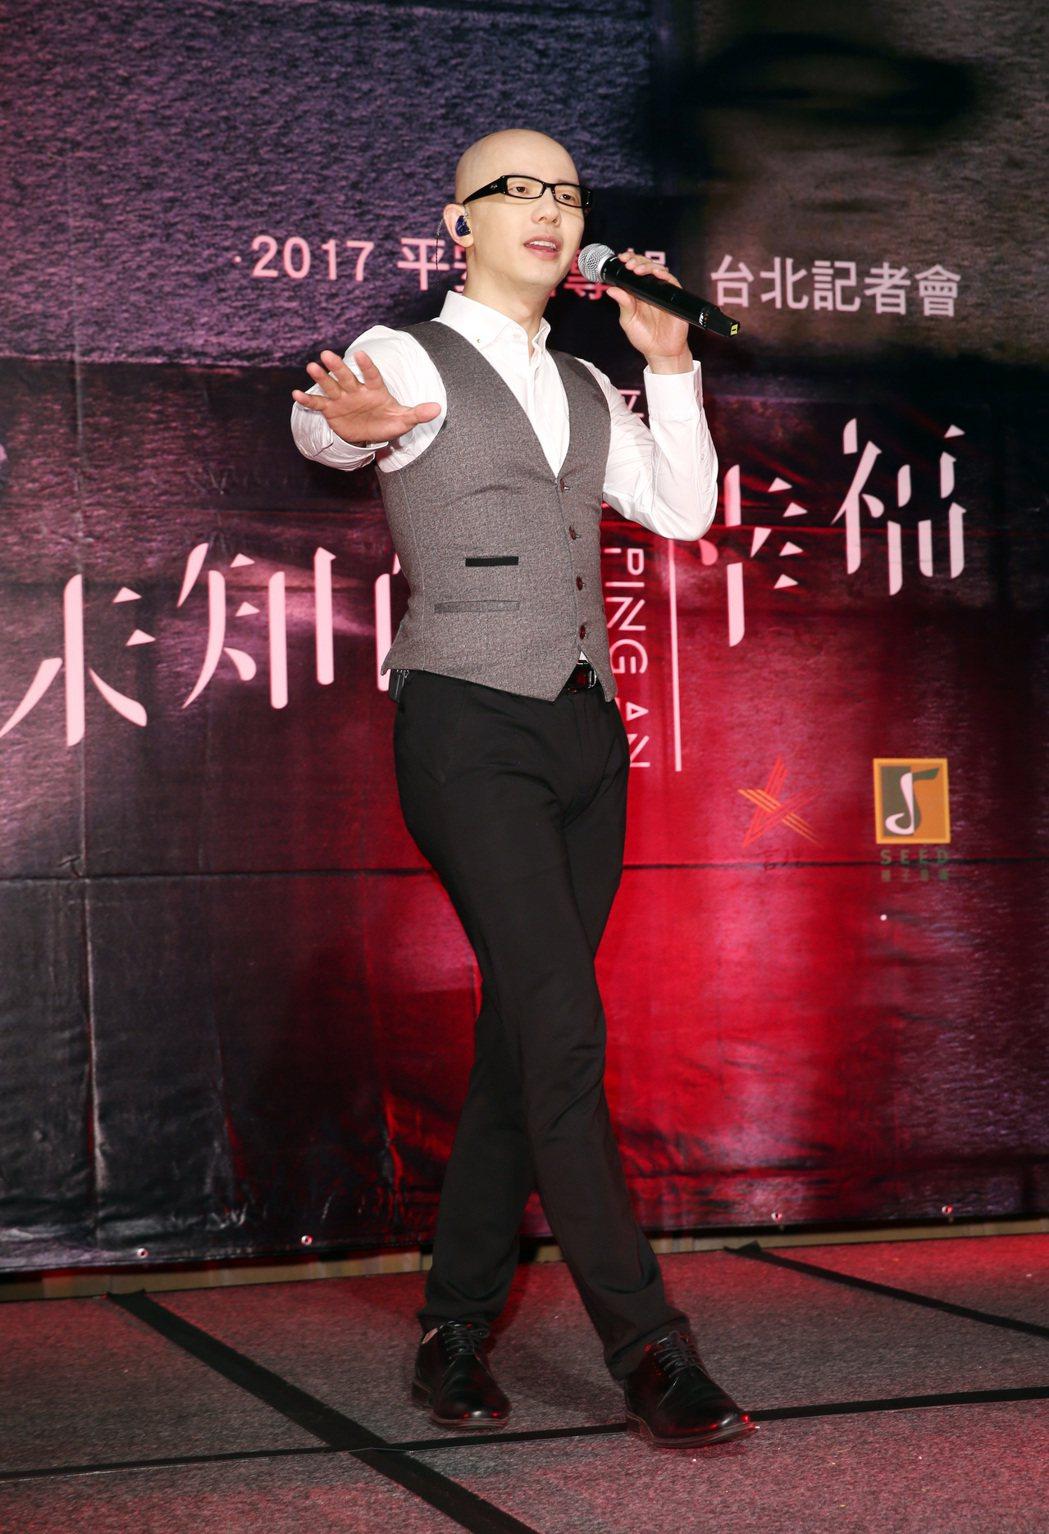 大陸歌手平安,挾著天籟之聲的美譽來台發行新專輯《未知的幸福》。記者杜建重/攝影